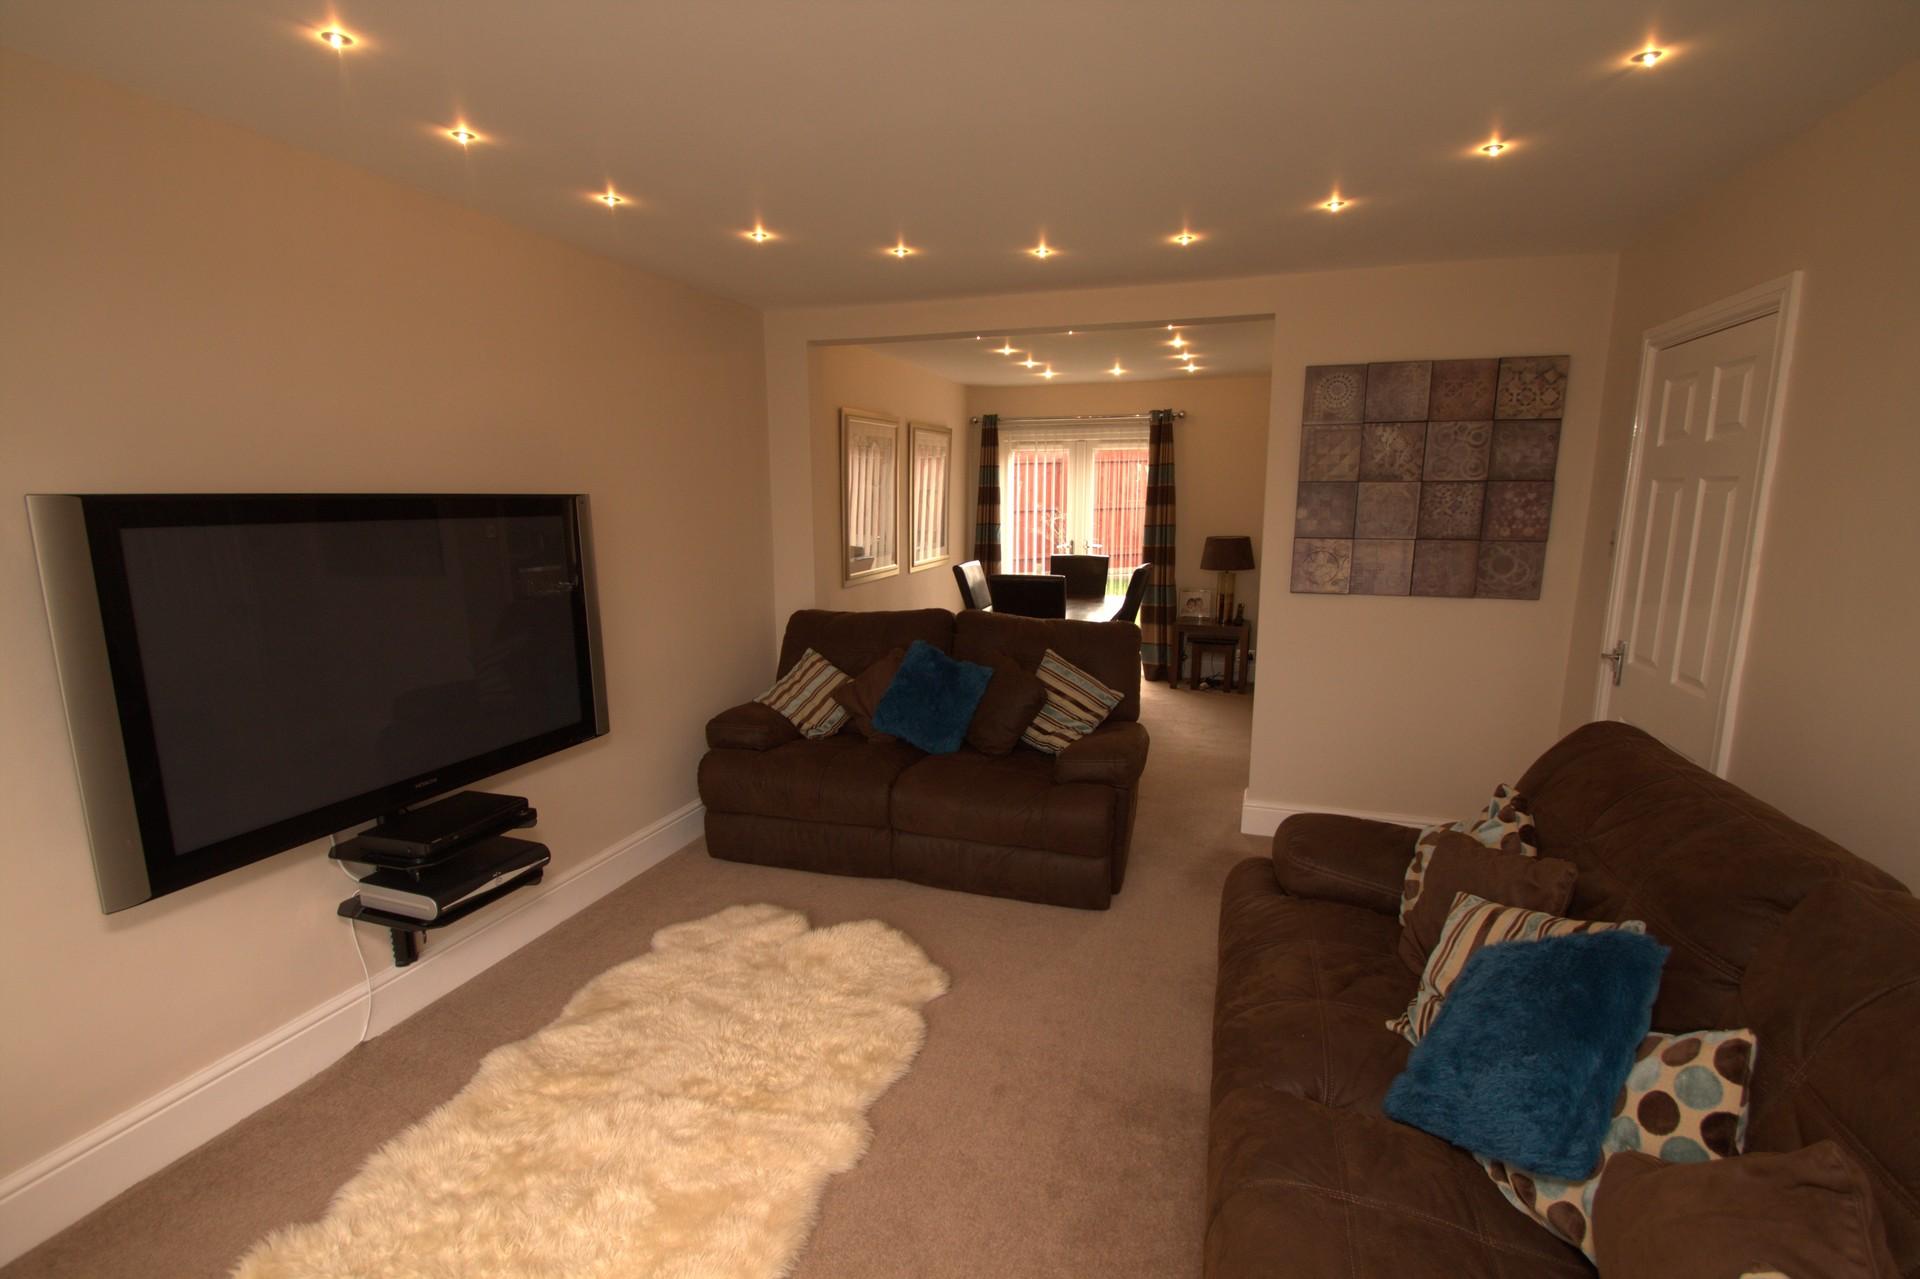 double-room-kingston-park-ne3-2yn-525-00